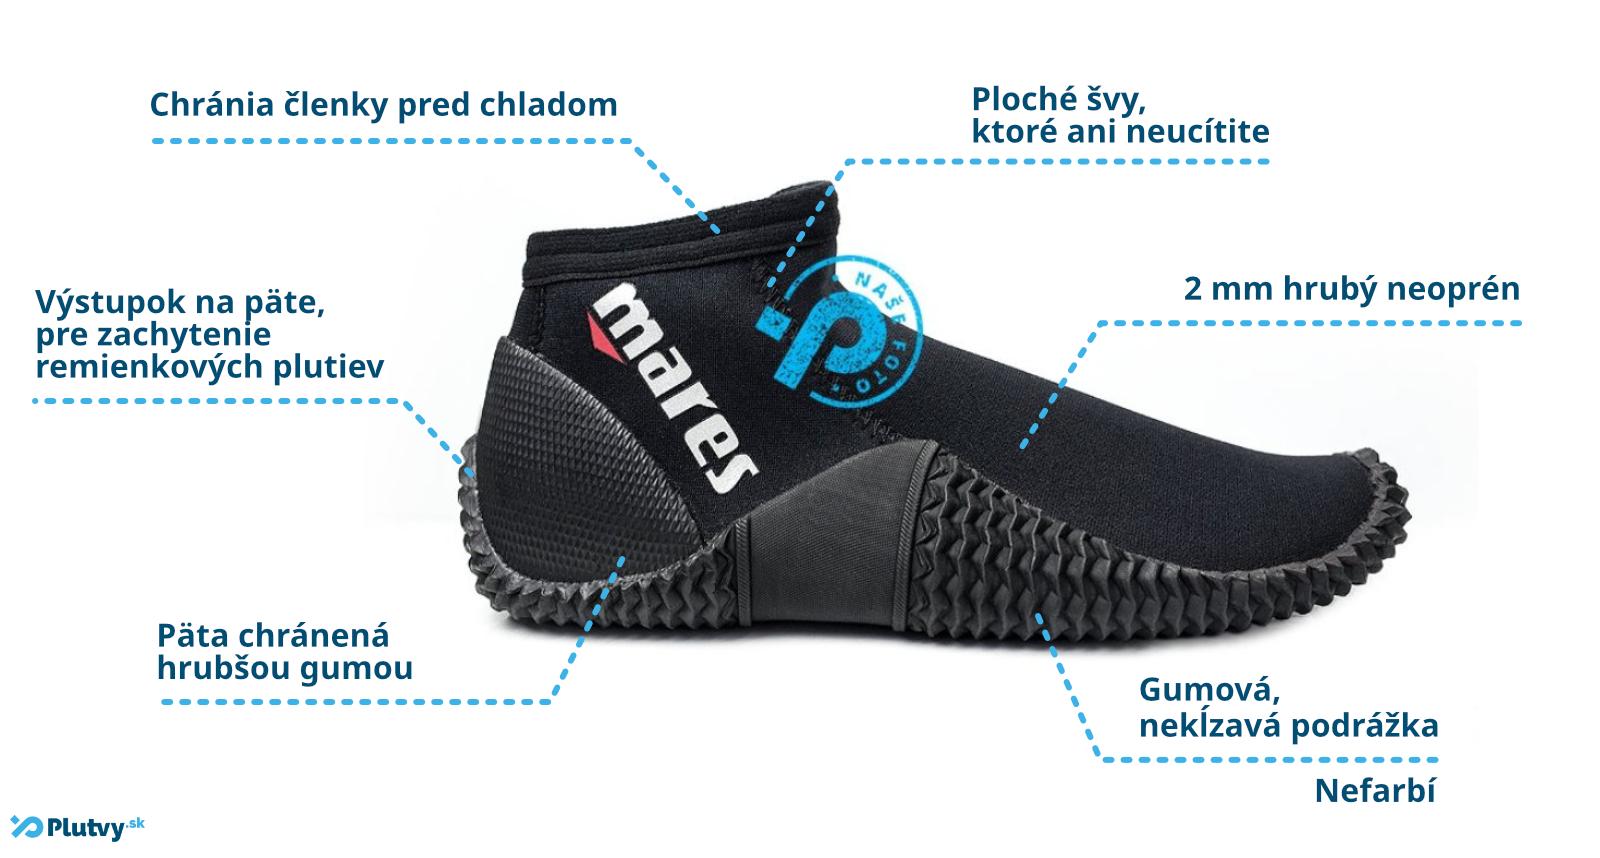 Ľahké neoprénové topánky na otužovanie, potápanie a šnorchlovanie od značky Mares Equator 2mm v Plutvy.sk v Bratislava